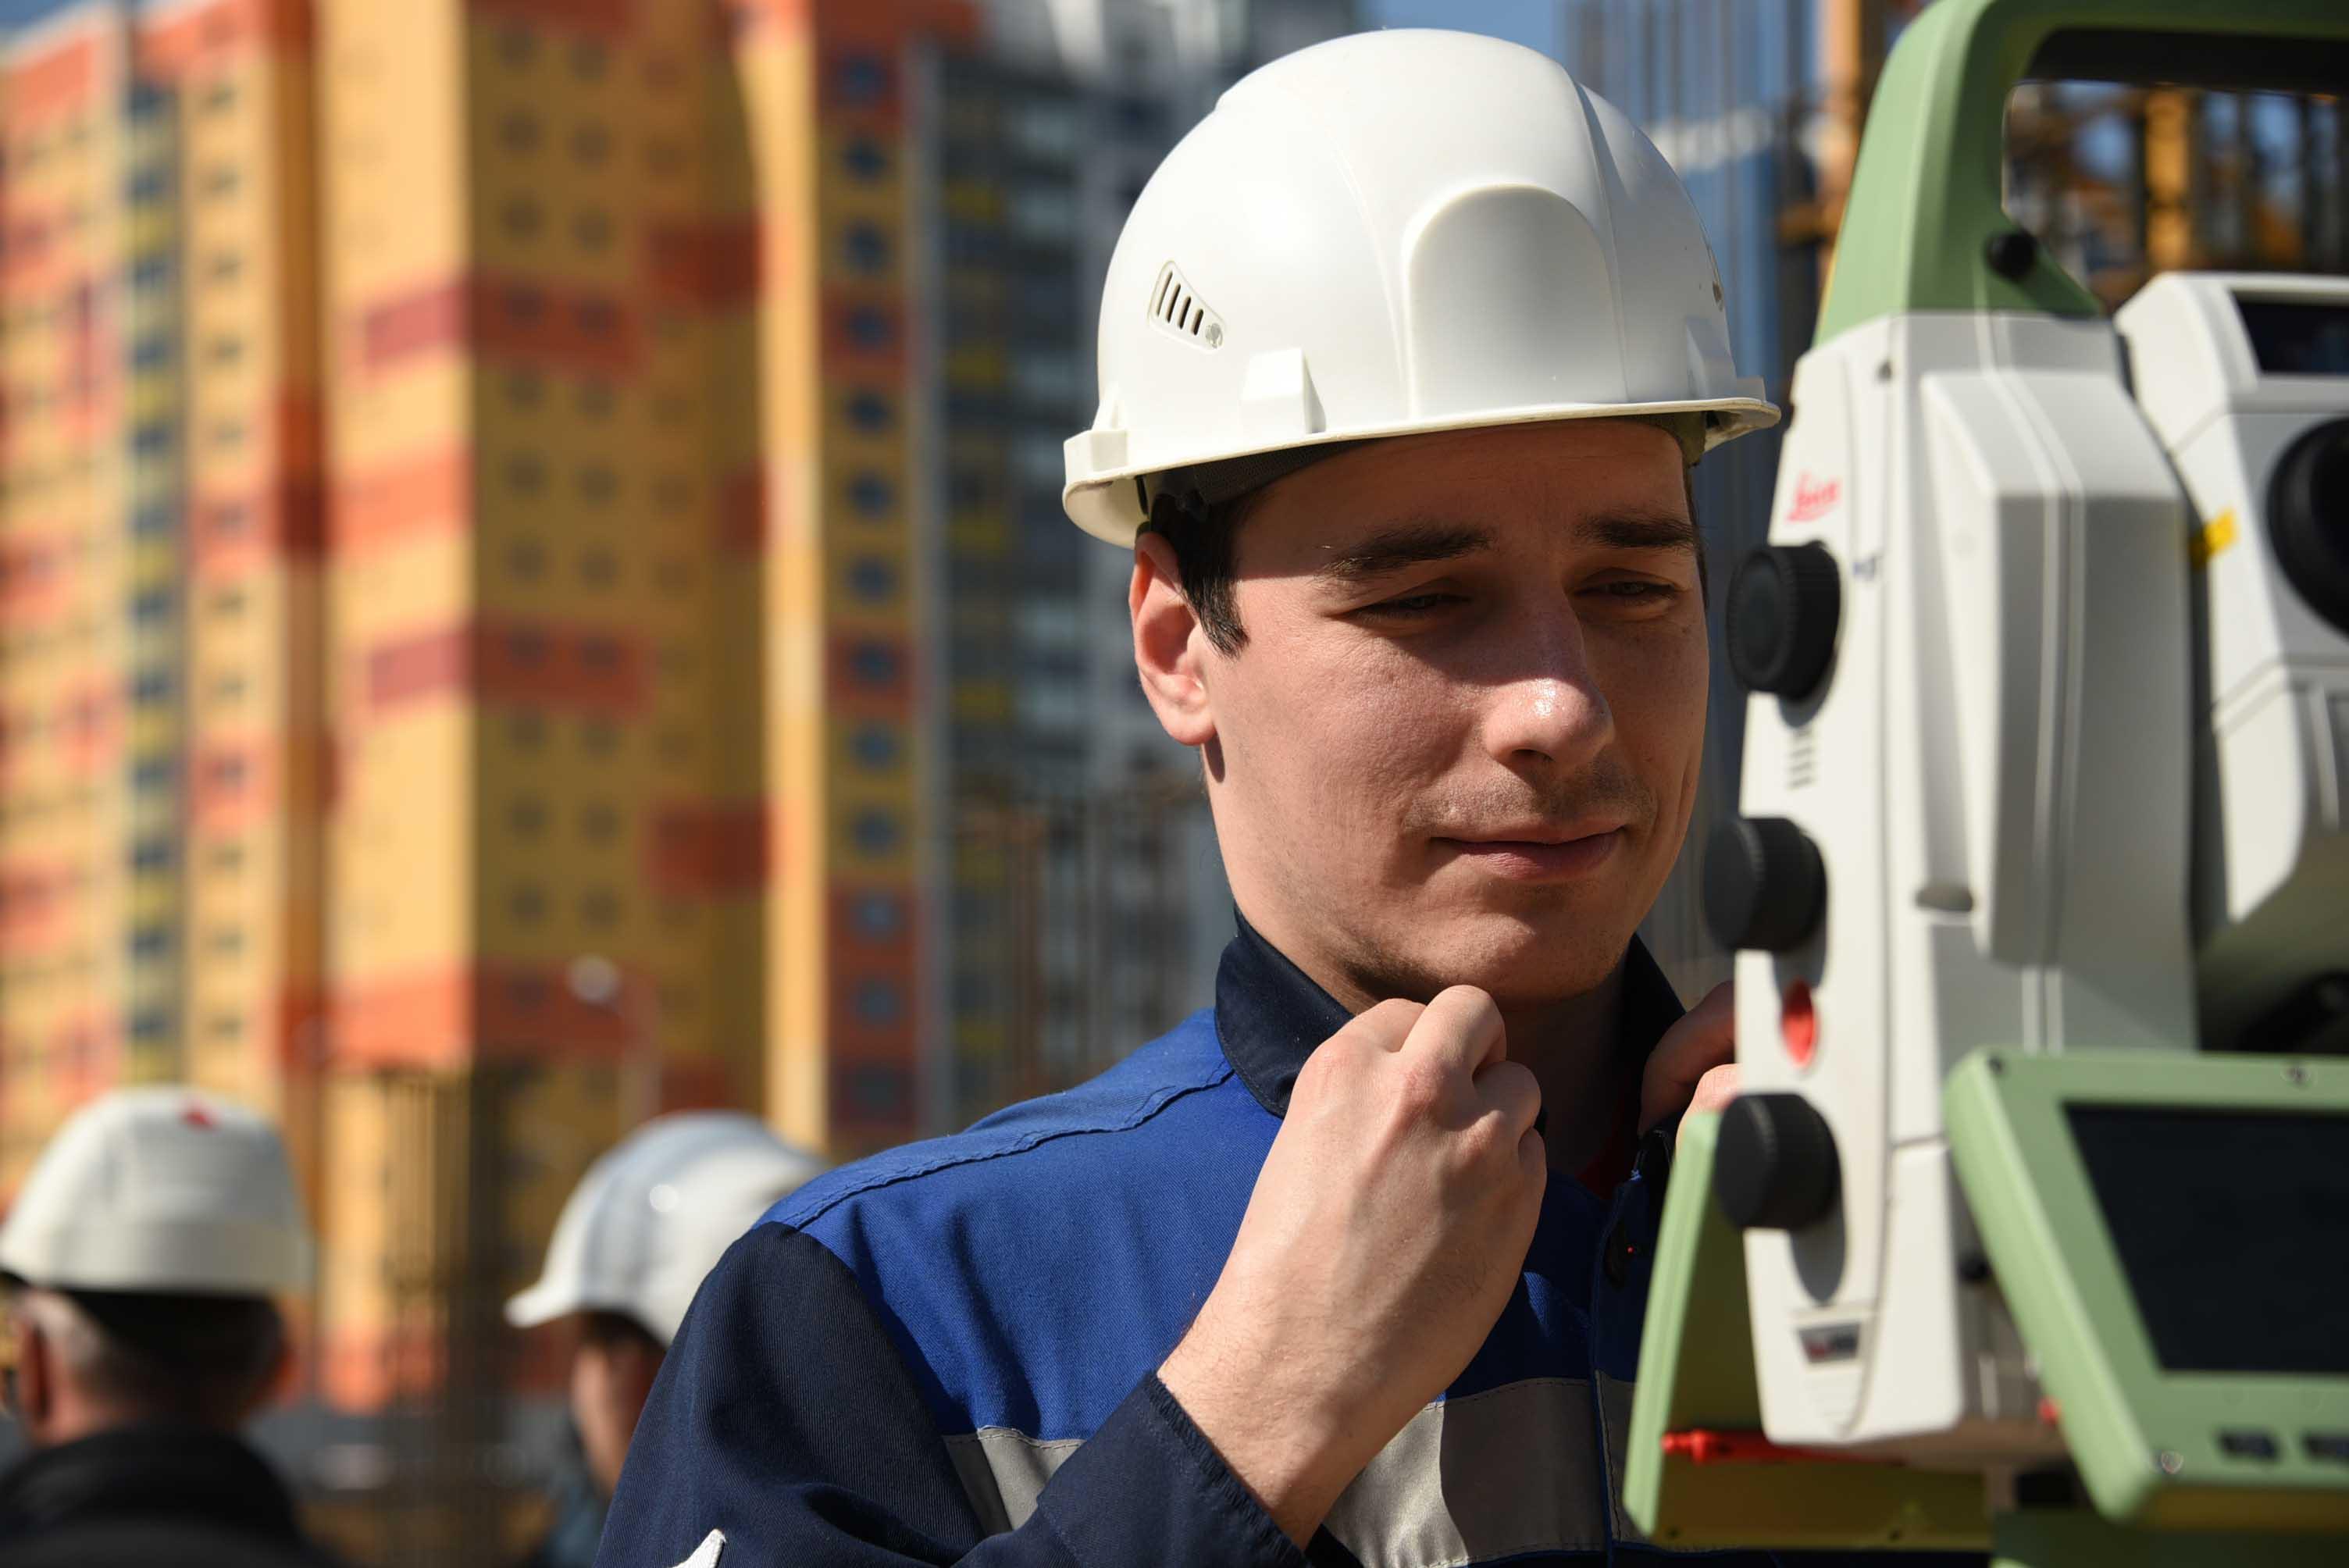 Власти планируют построить кампус для колледжей в Новой Москве